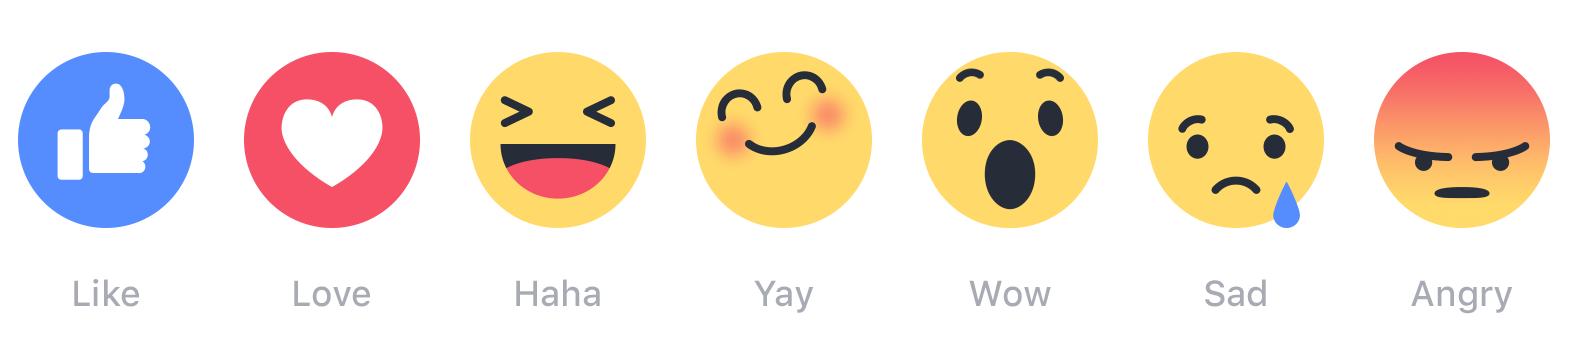 Voici comment seront présentées les nouvelles interactions sur Facebook.